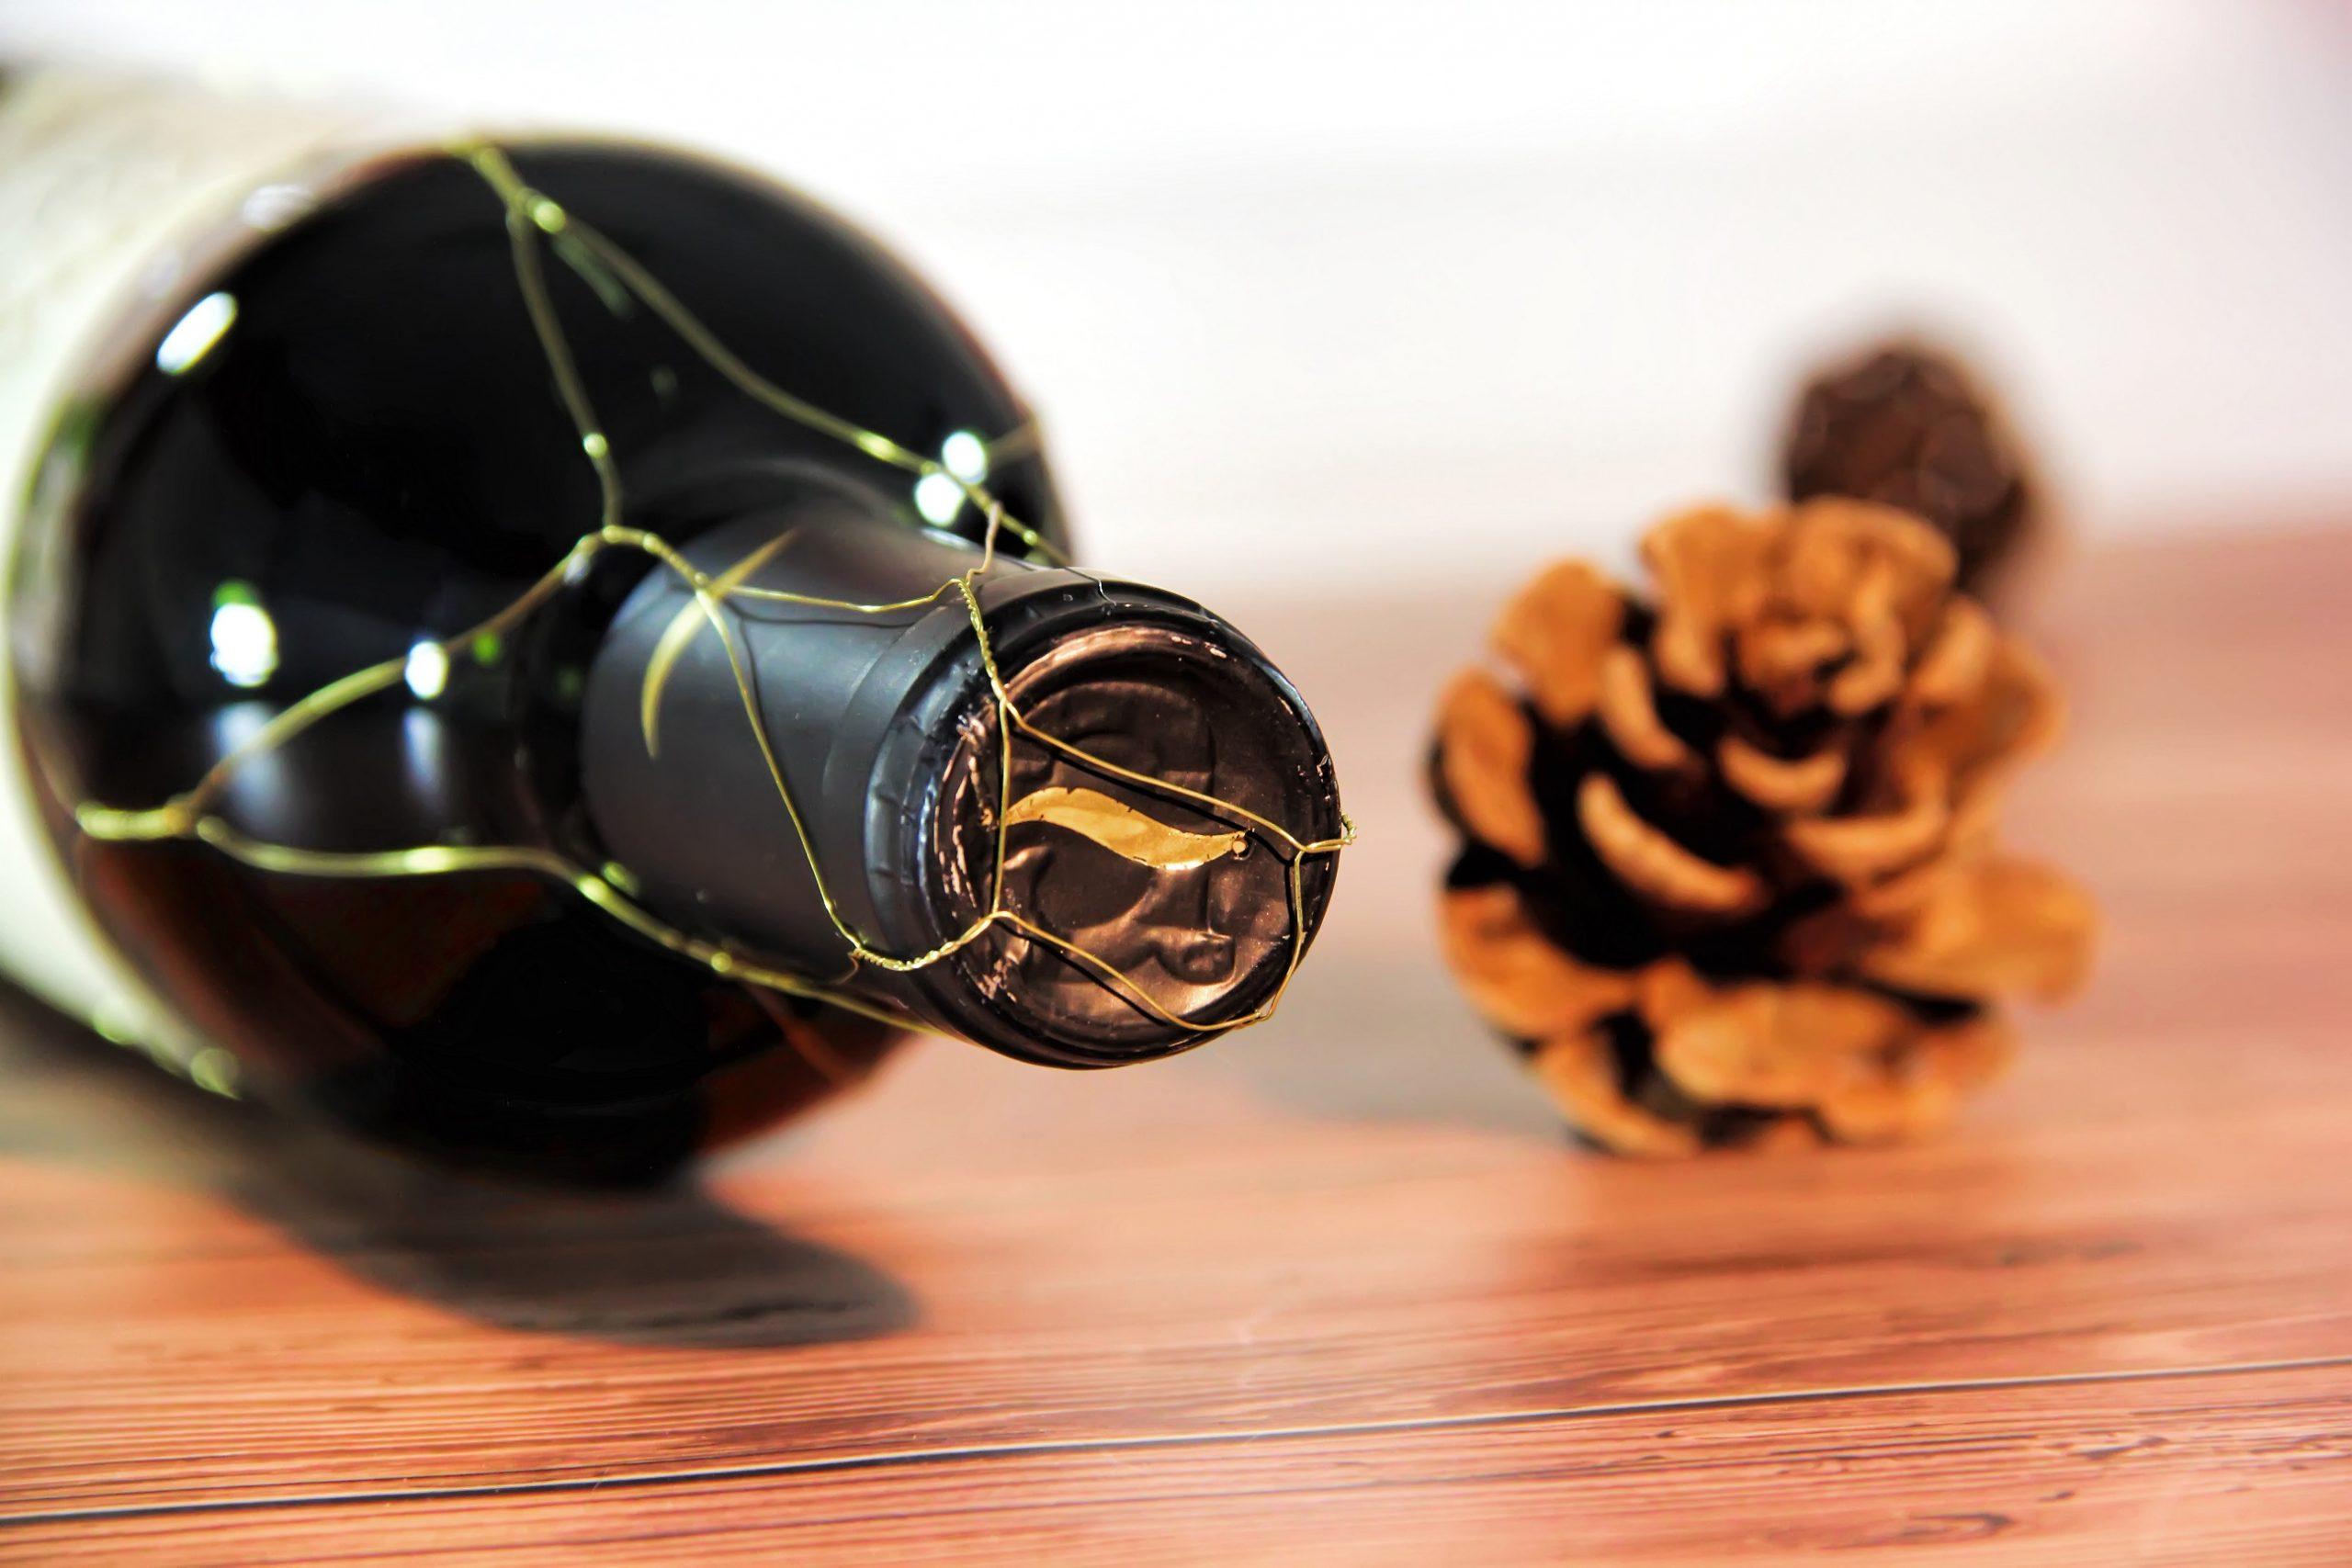 葡思佳里奥哈陈年特酿干红葡萄酒07-齐饮(CHEERS)进口葡萄酒店